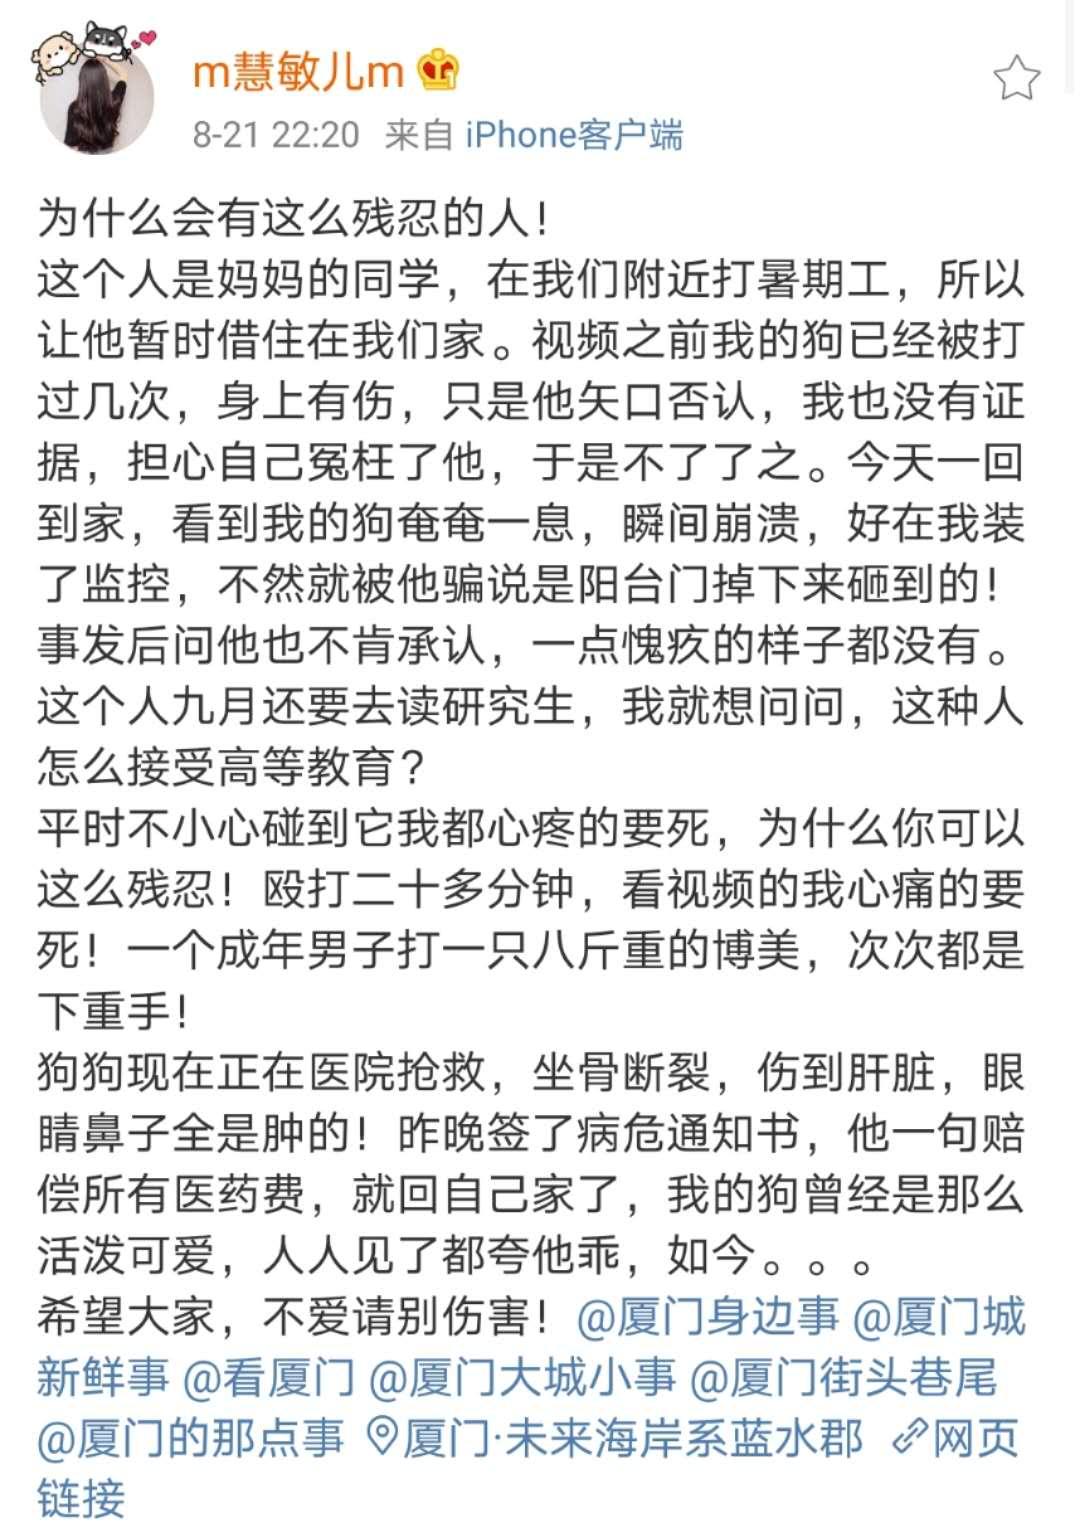 """福州大学回应""""准研究生疑似虐狗"""":已关注,正核实涉事人身"""